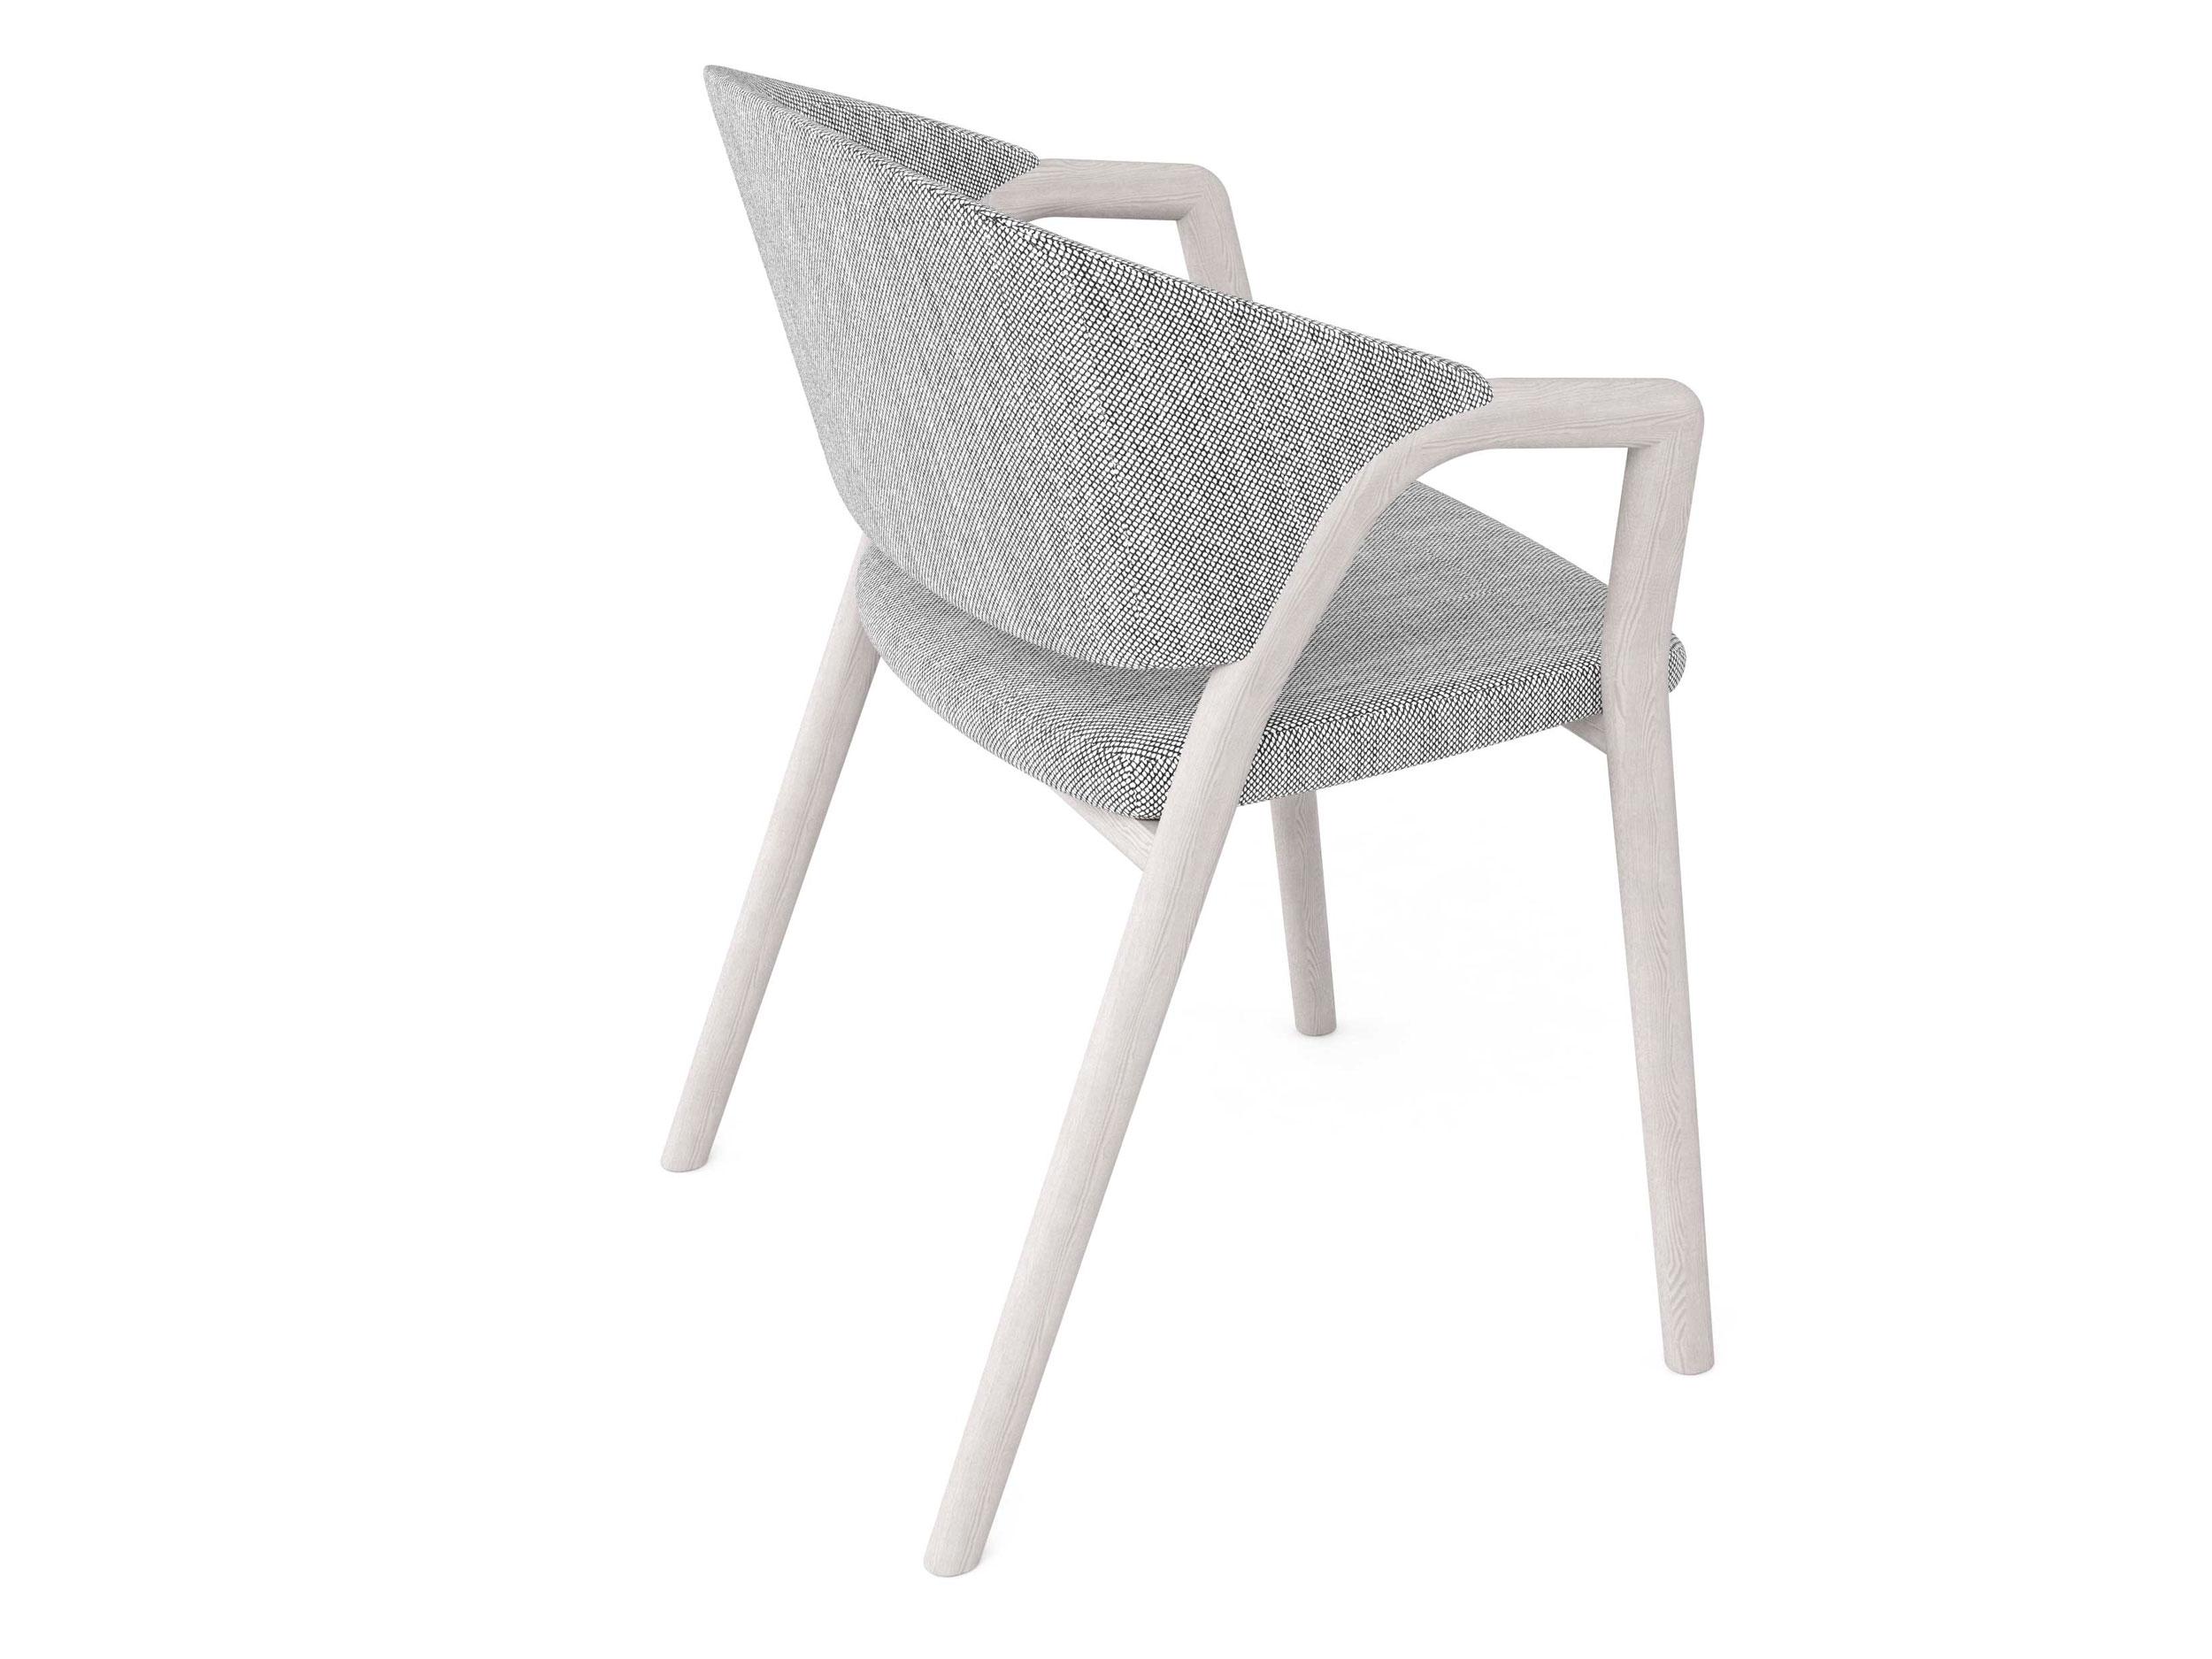 VERY_WOOD_CAMDEN_armchair_render_003_0000_web.jpg